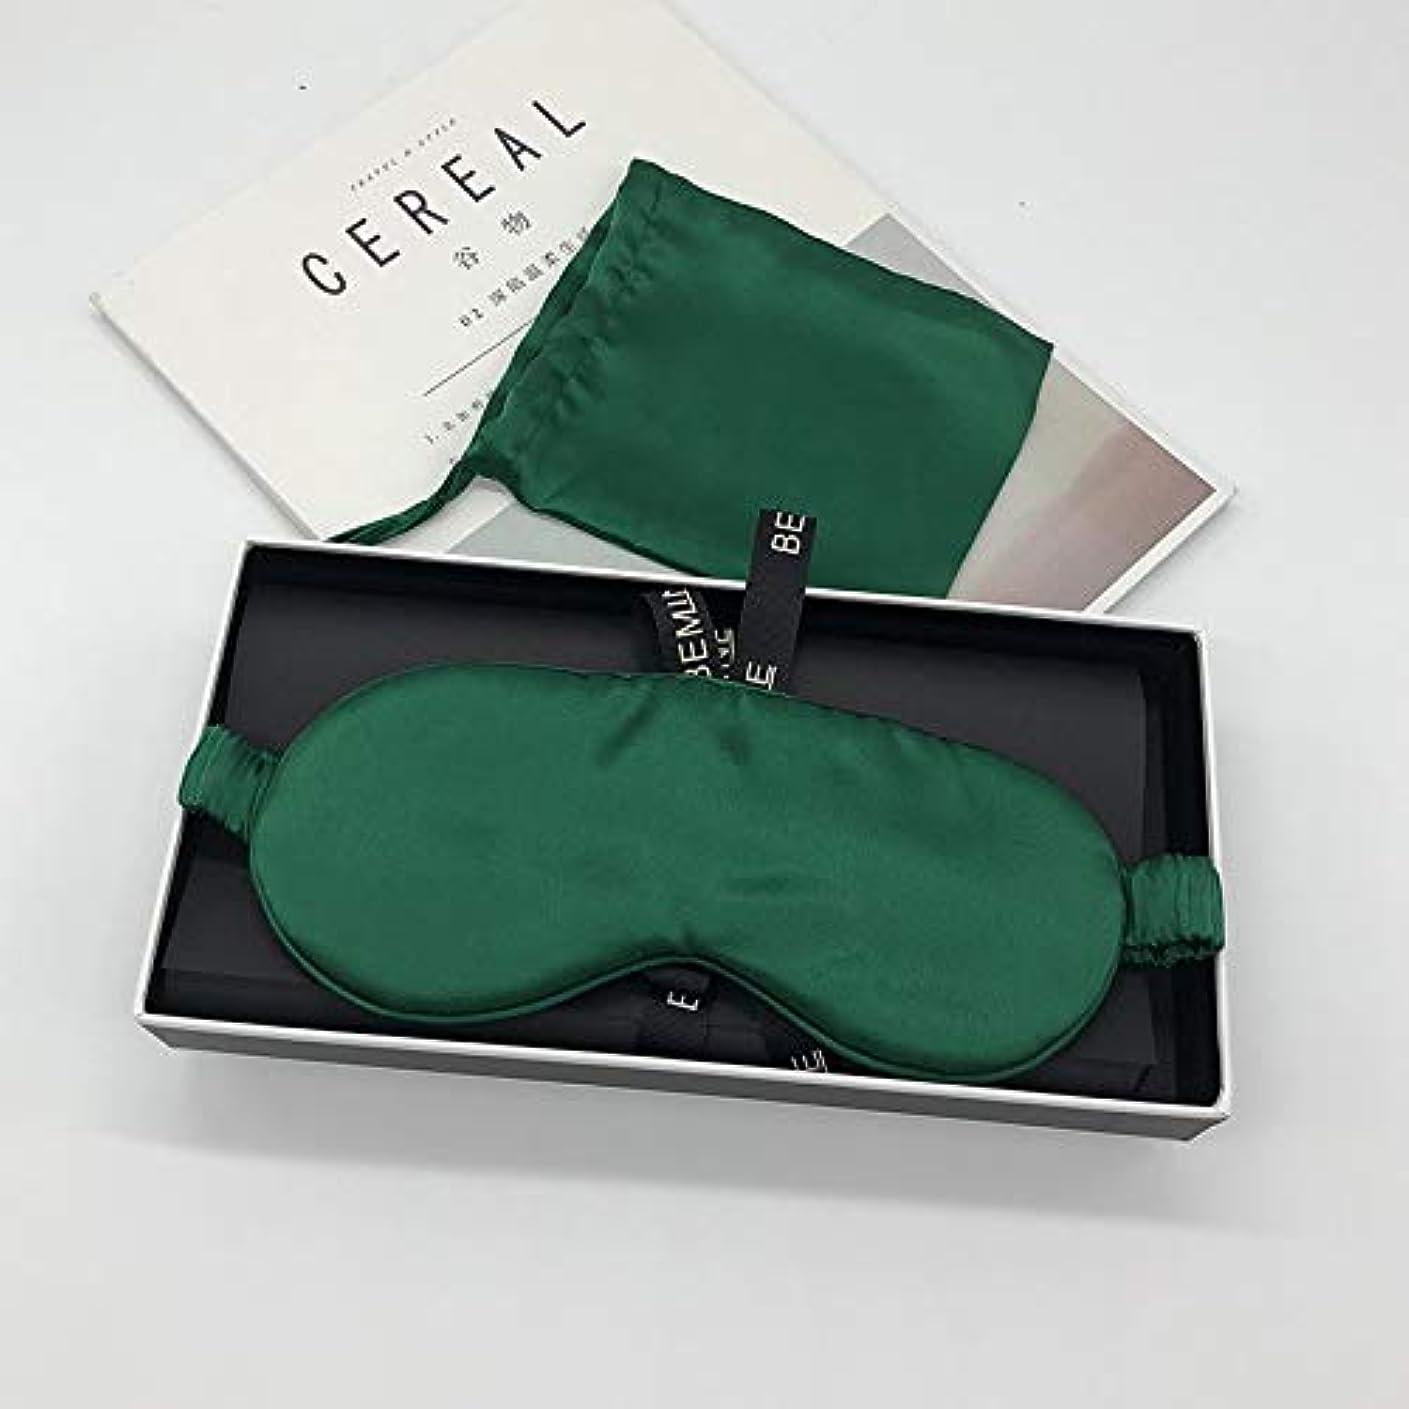 使い込む親密なパシフィック100%手作りのカイコのシルクアイマスクの睡眠目の絹の収納袋